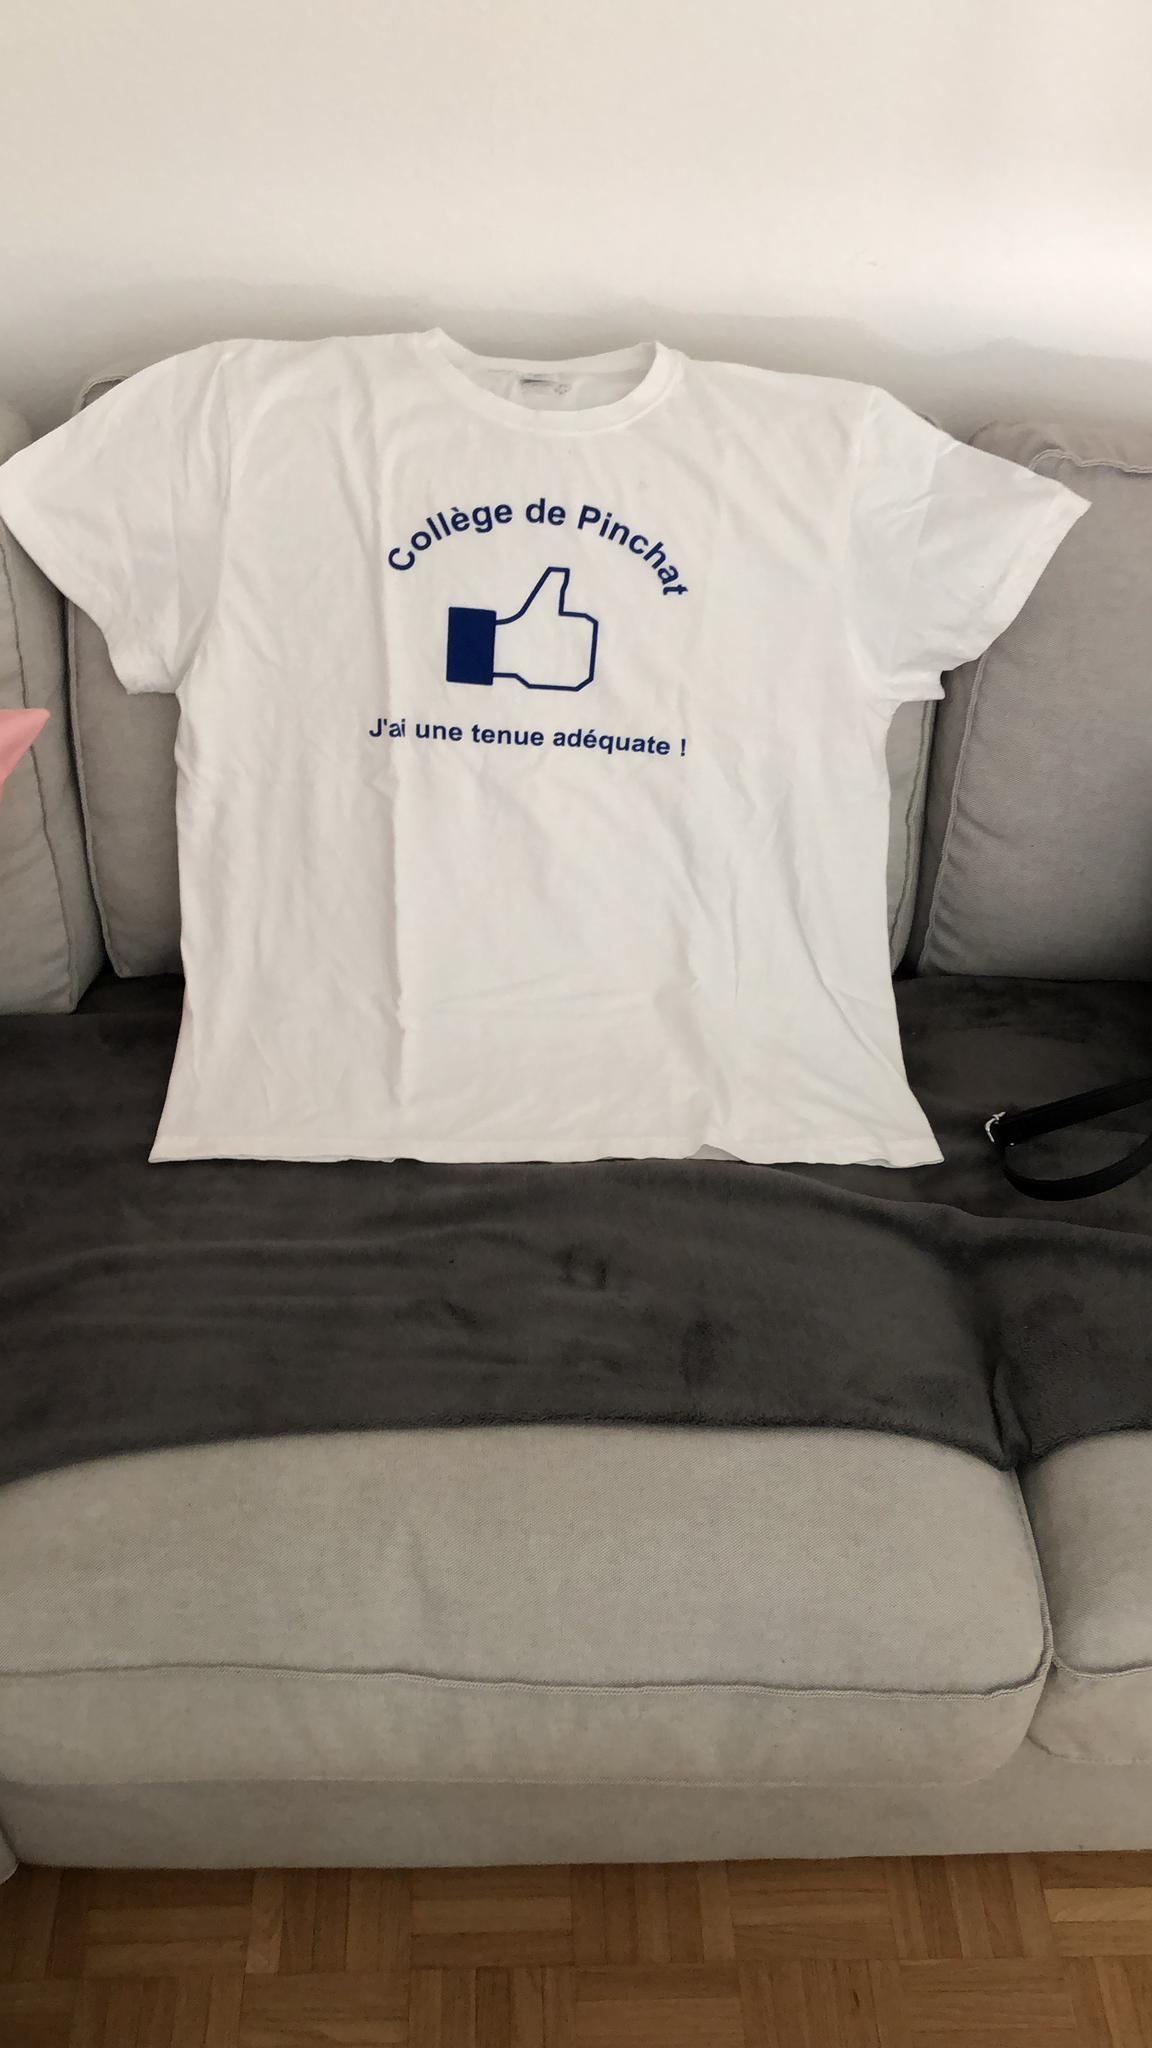 """Le t-shirt remis aux élèves portant une tenue jugée """"inapproprié"""" à la régulation du cycle Pinchat. [DR]"""